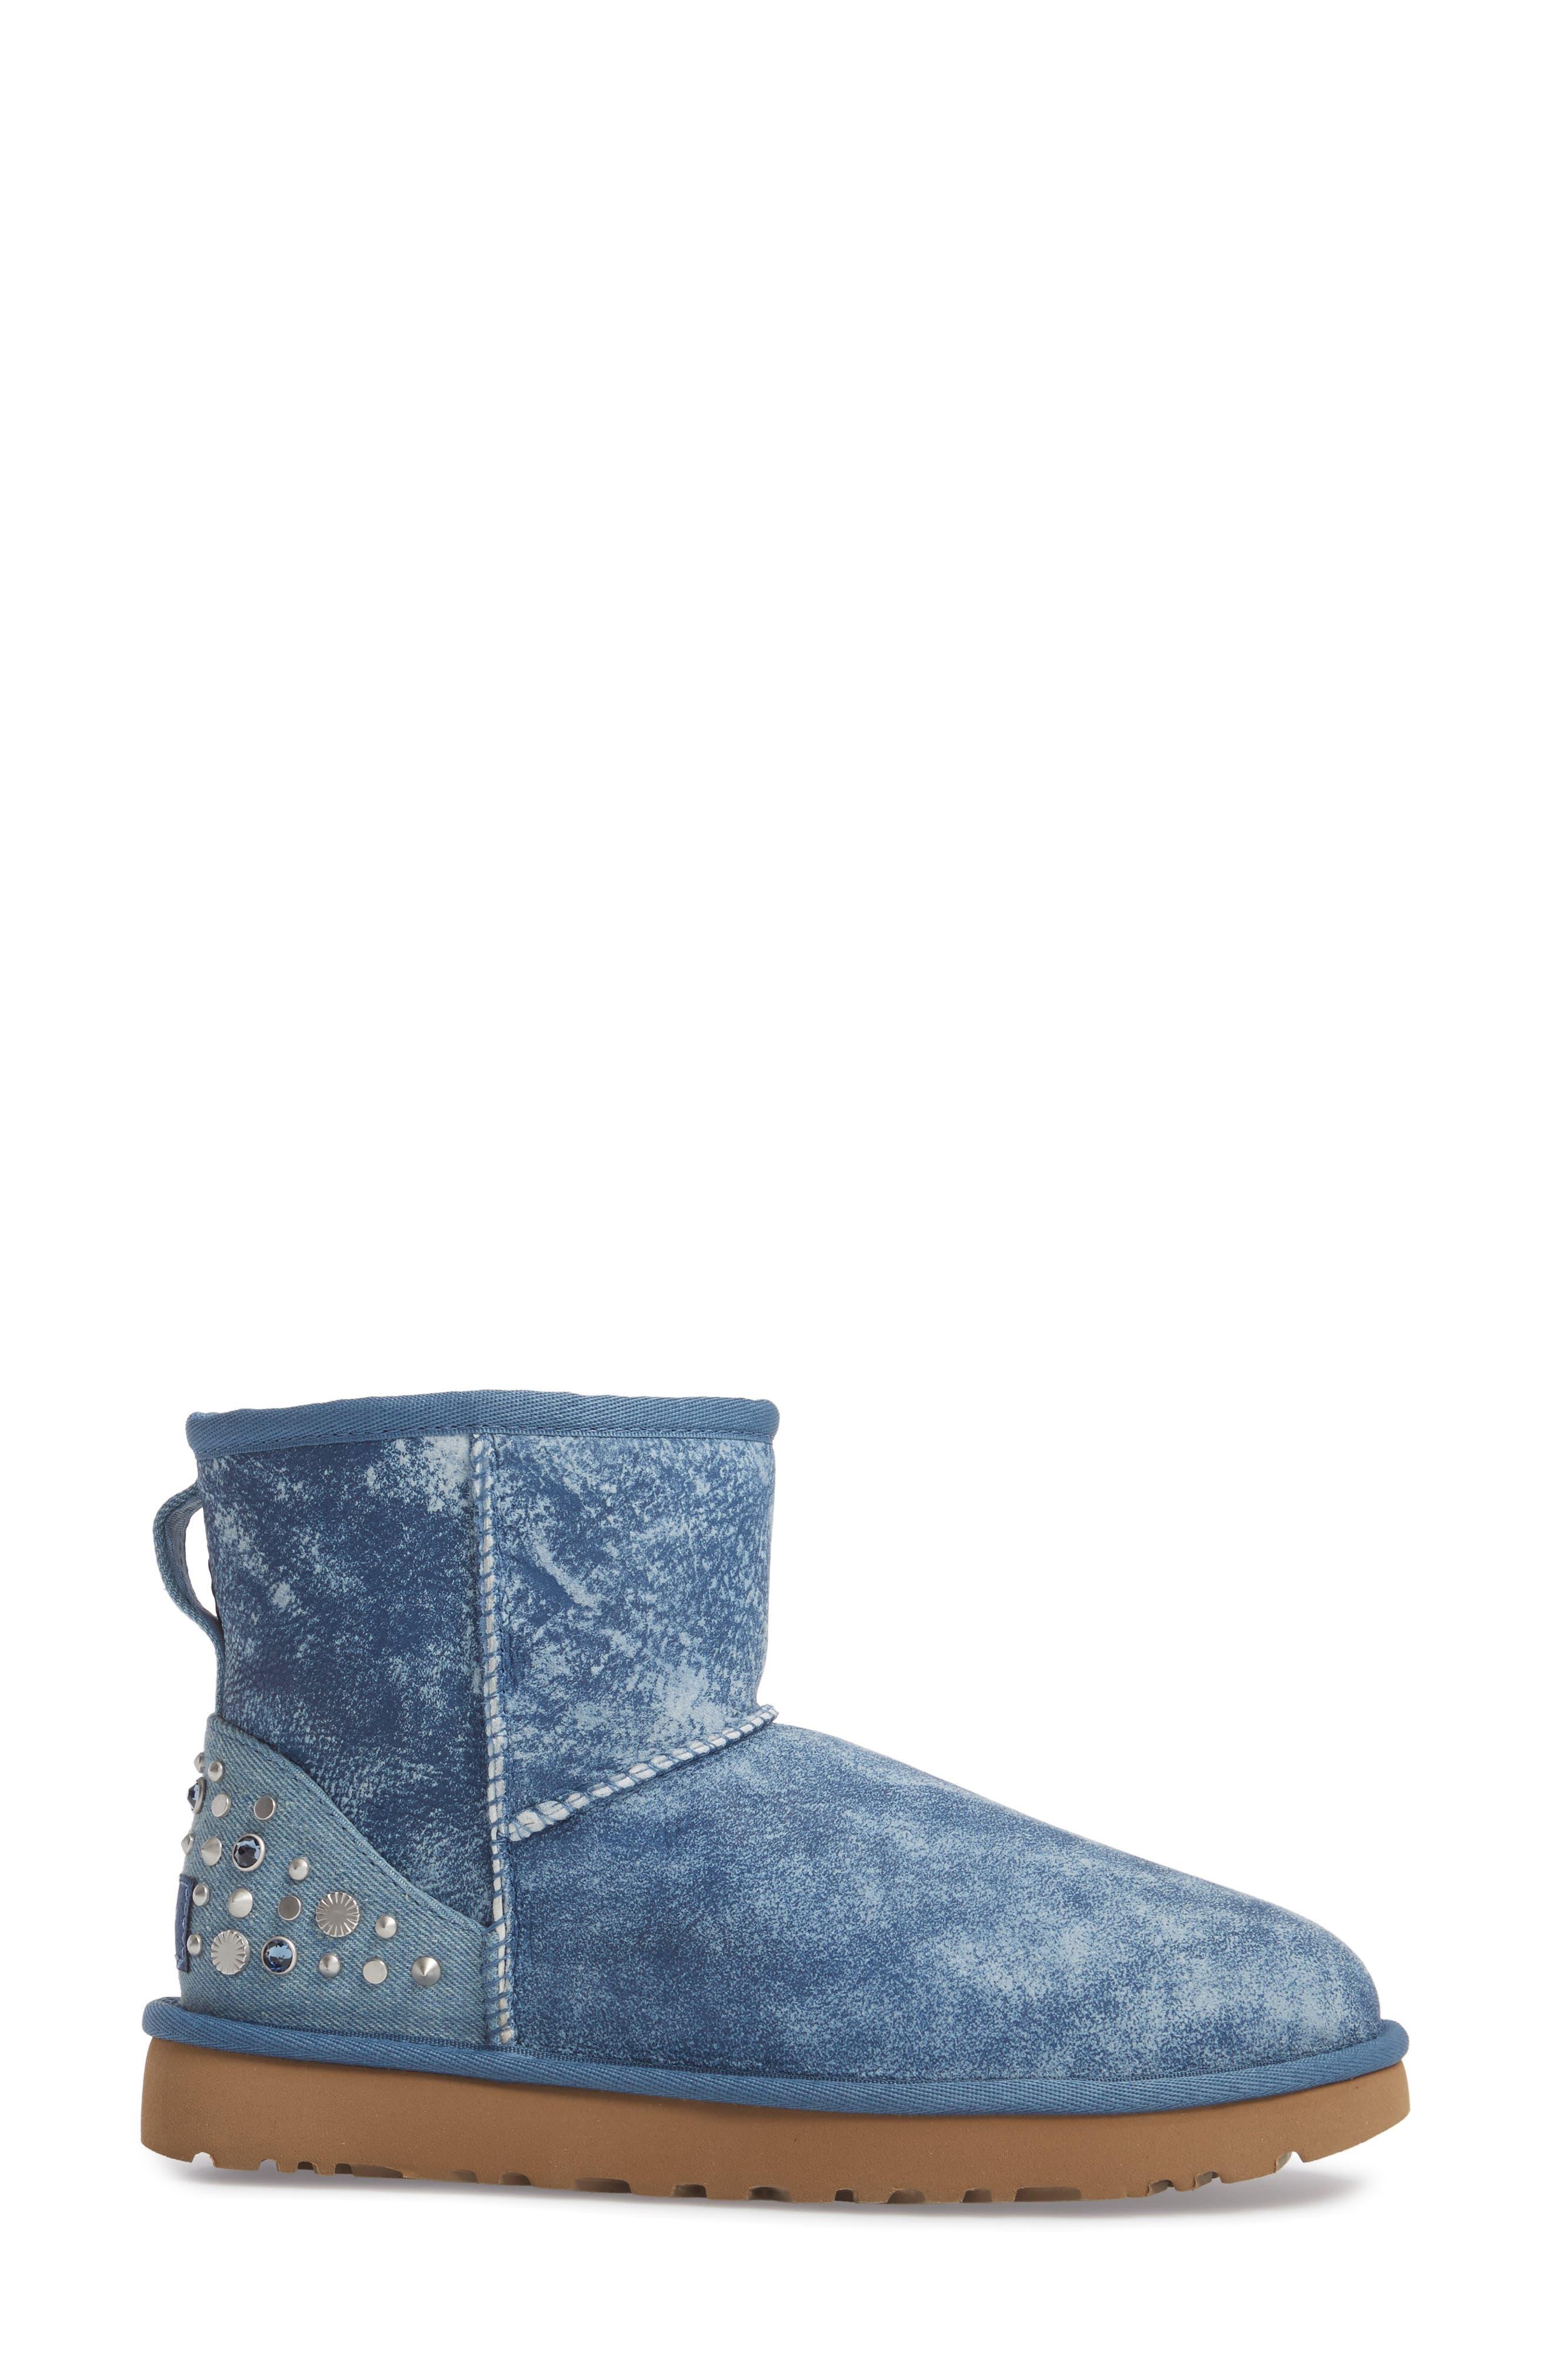 Alternate Image 3  - UGG® Mini Studded Bling Boot (Women)